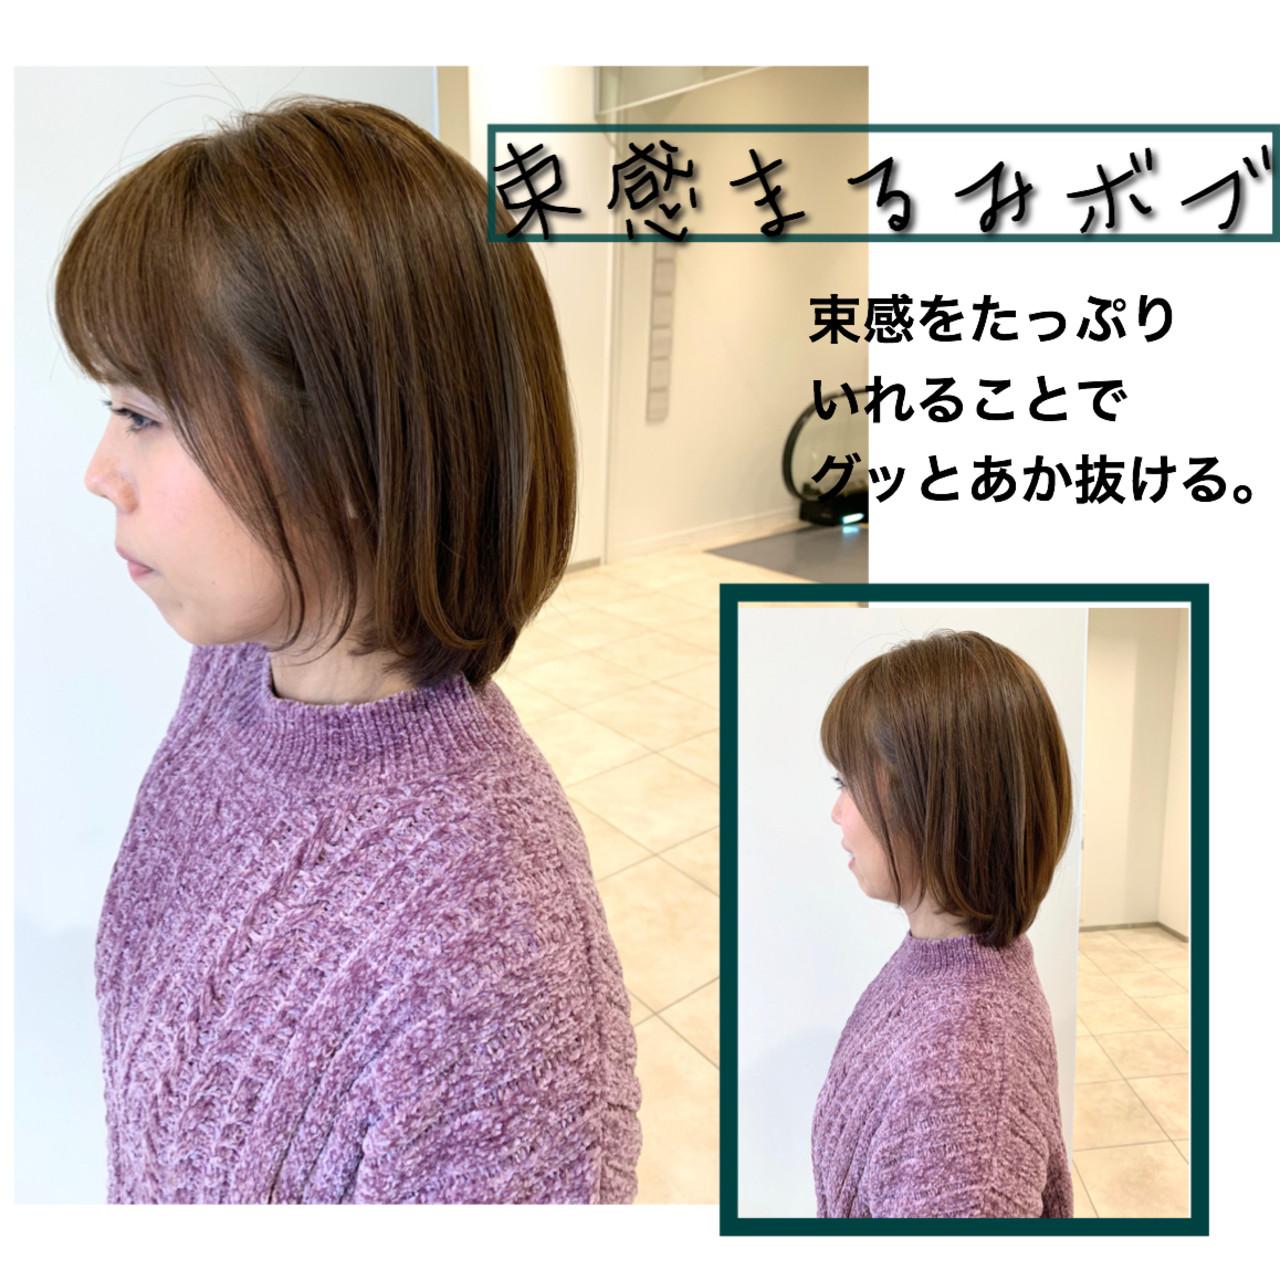 まとまるボブ ショートボブ ナチュラル イルミナカラー ヘアスタイルや髪型の写真・画像   高畑 真実 takahata mami / K-two名古屋 【ケーツー】